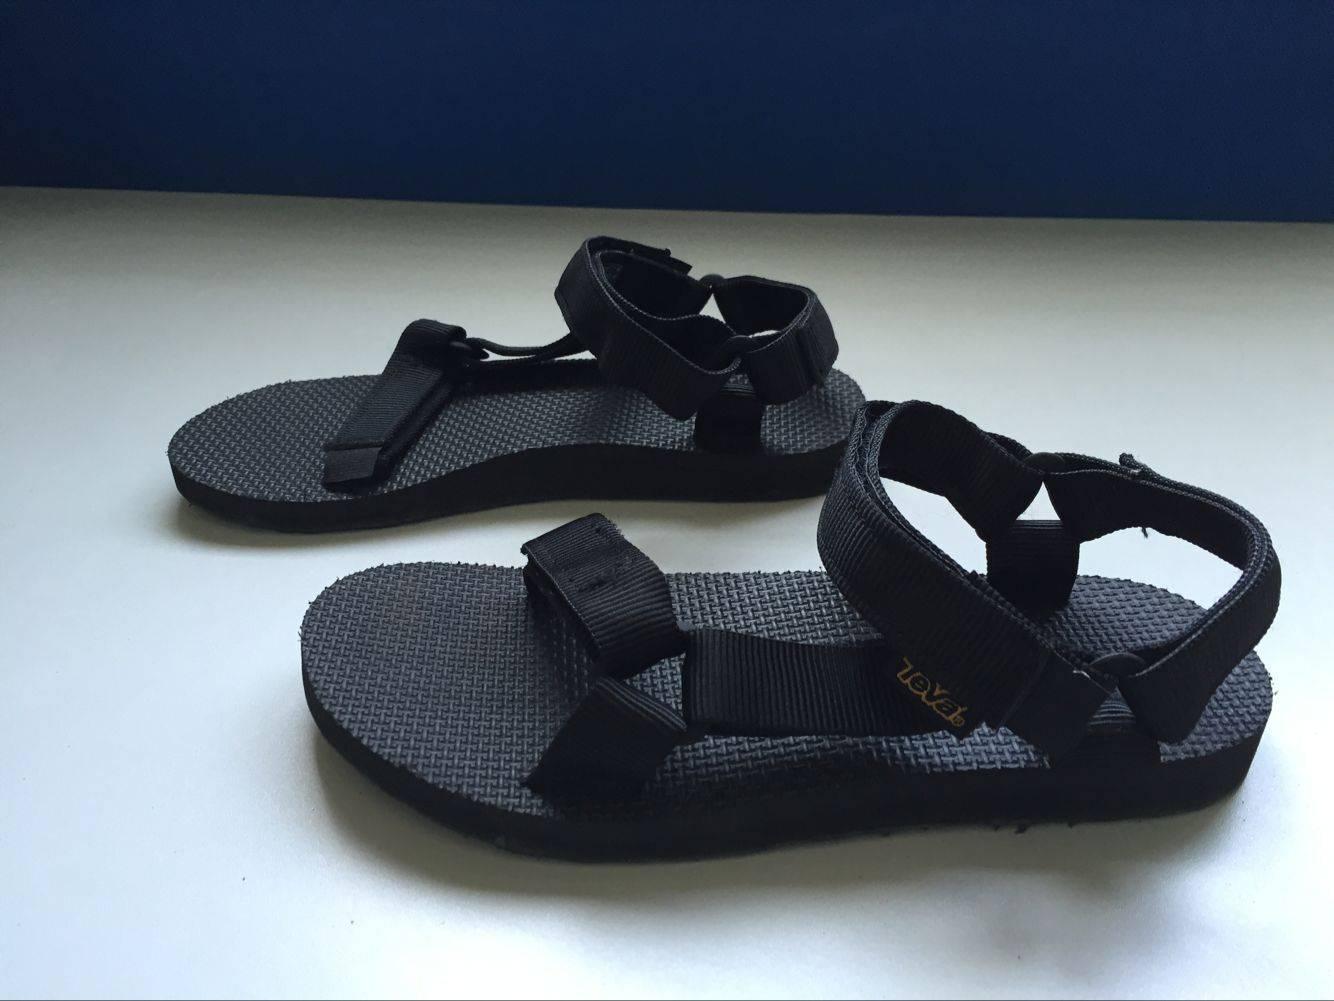 TEVA stocked beach Sandal